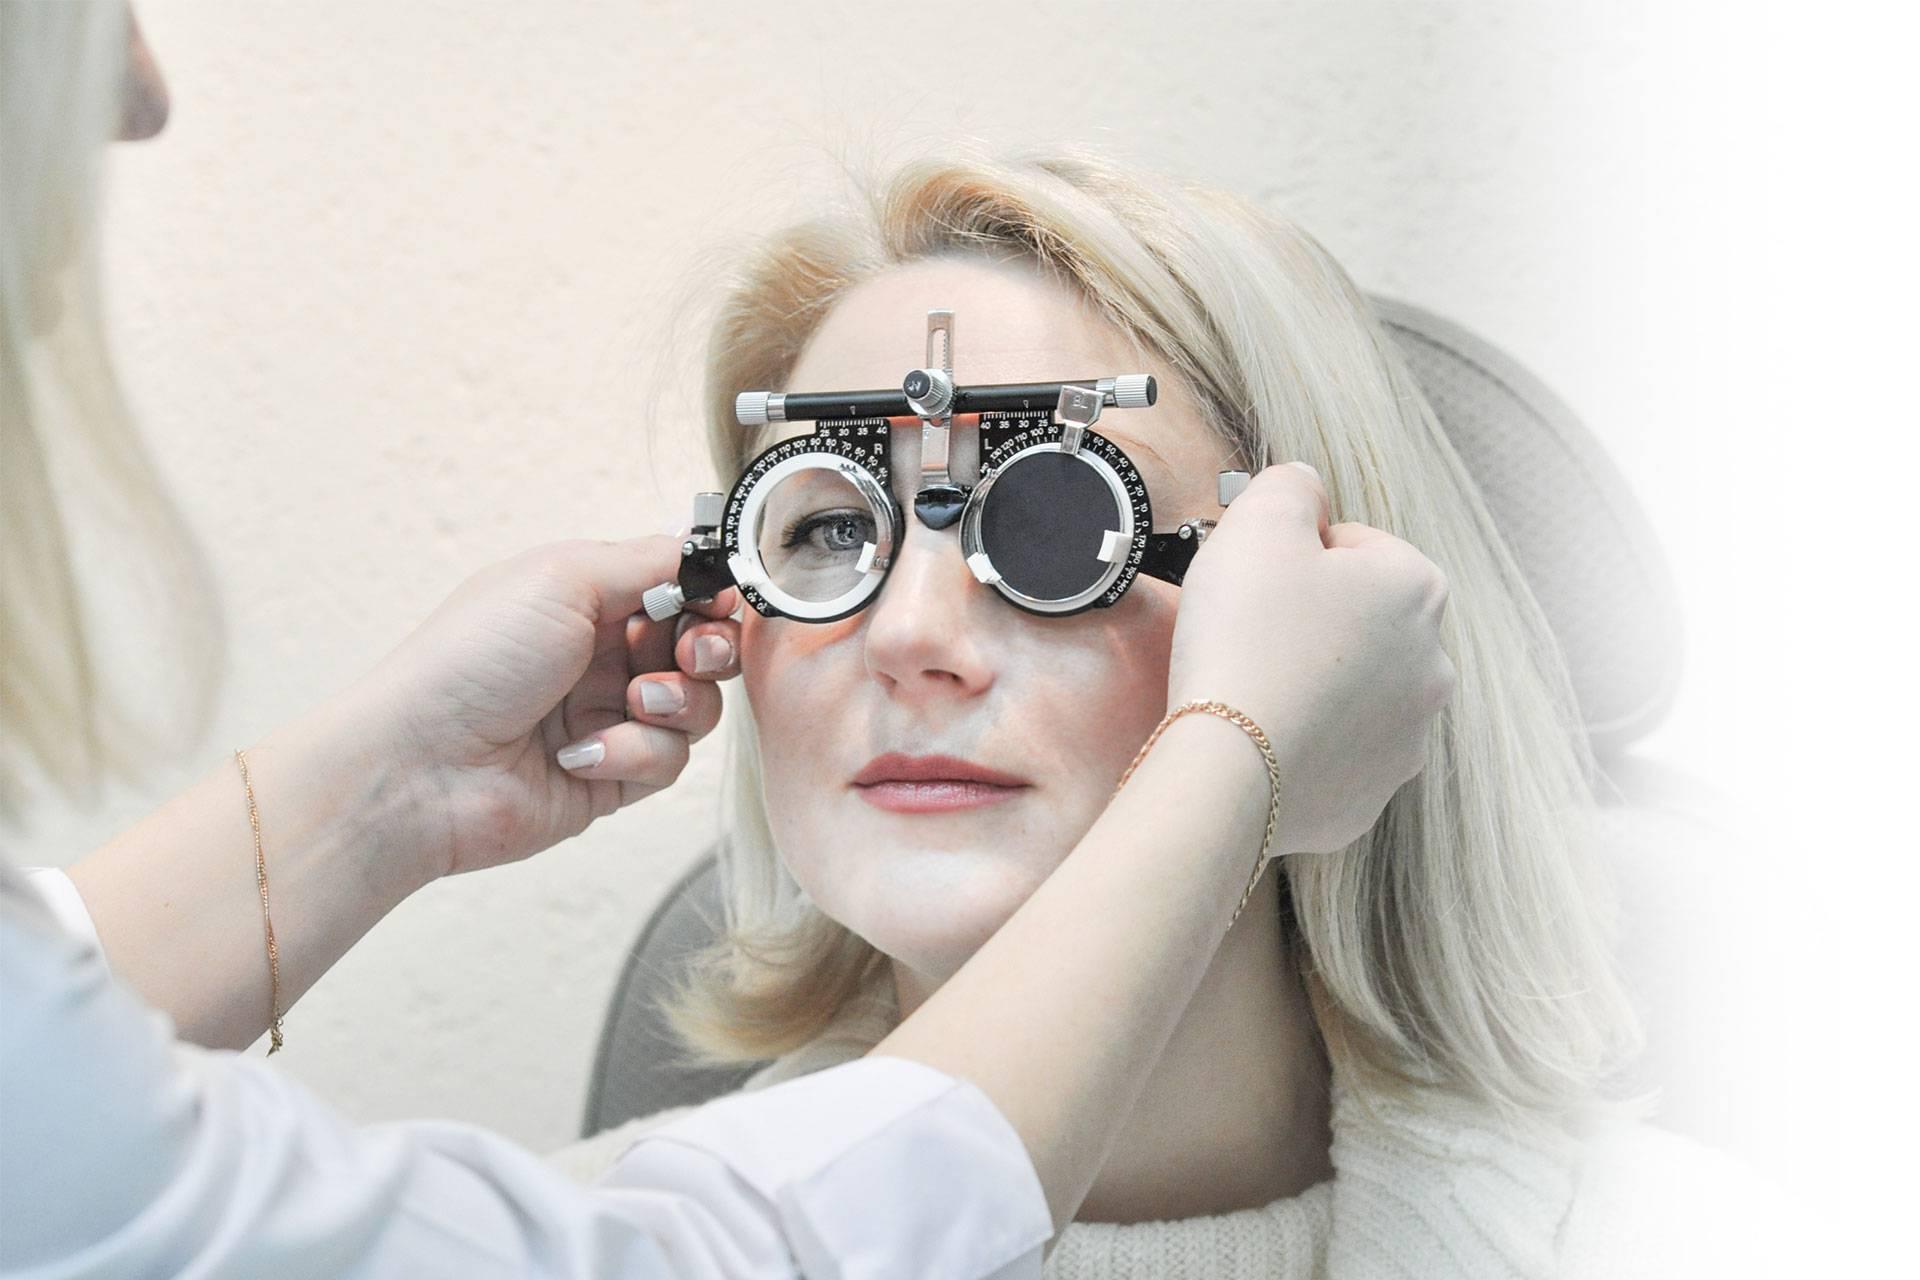 Очки подобрать для зрения – как правильно: линзы по рецепту или онлайн